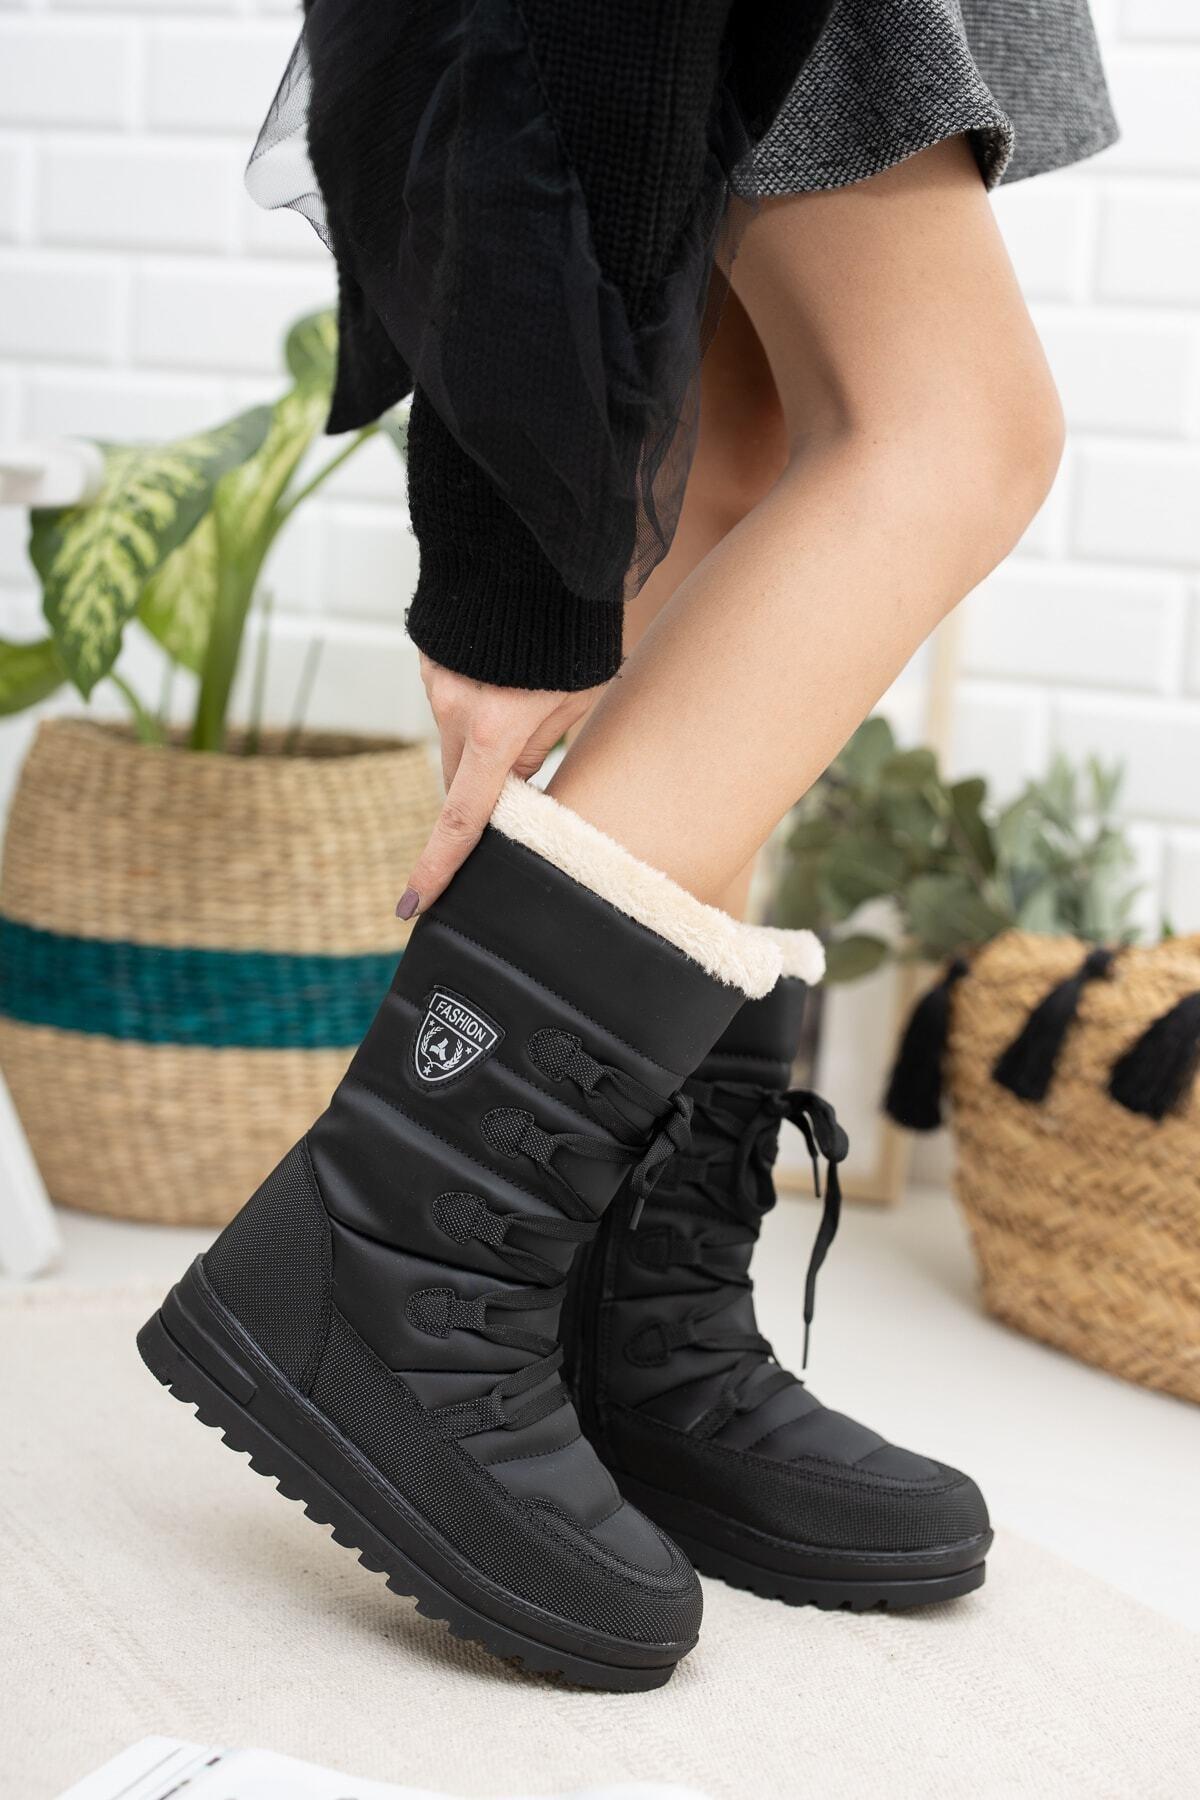 Twingo 995 Kürklü Kadın Soğuk Geçirmez Bot Ayakkabı 1